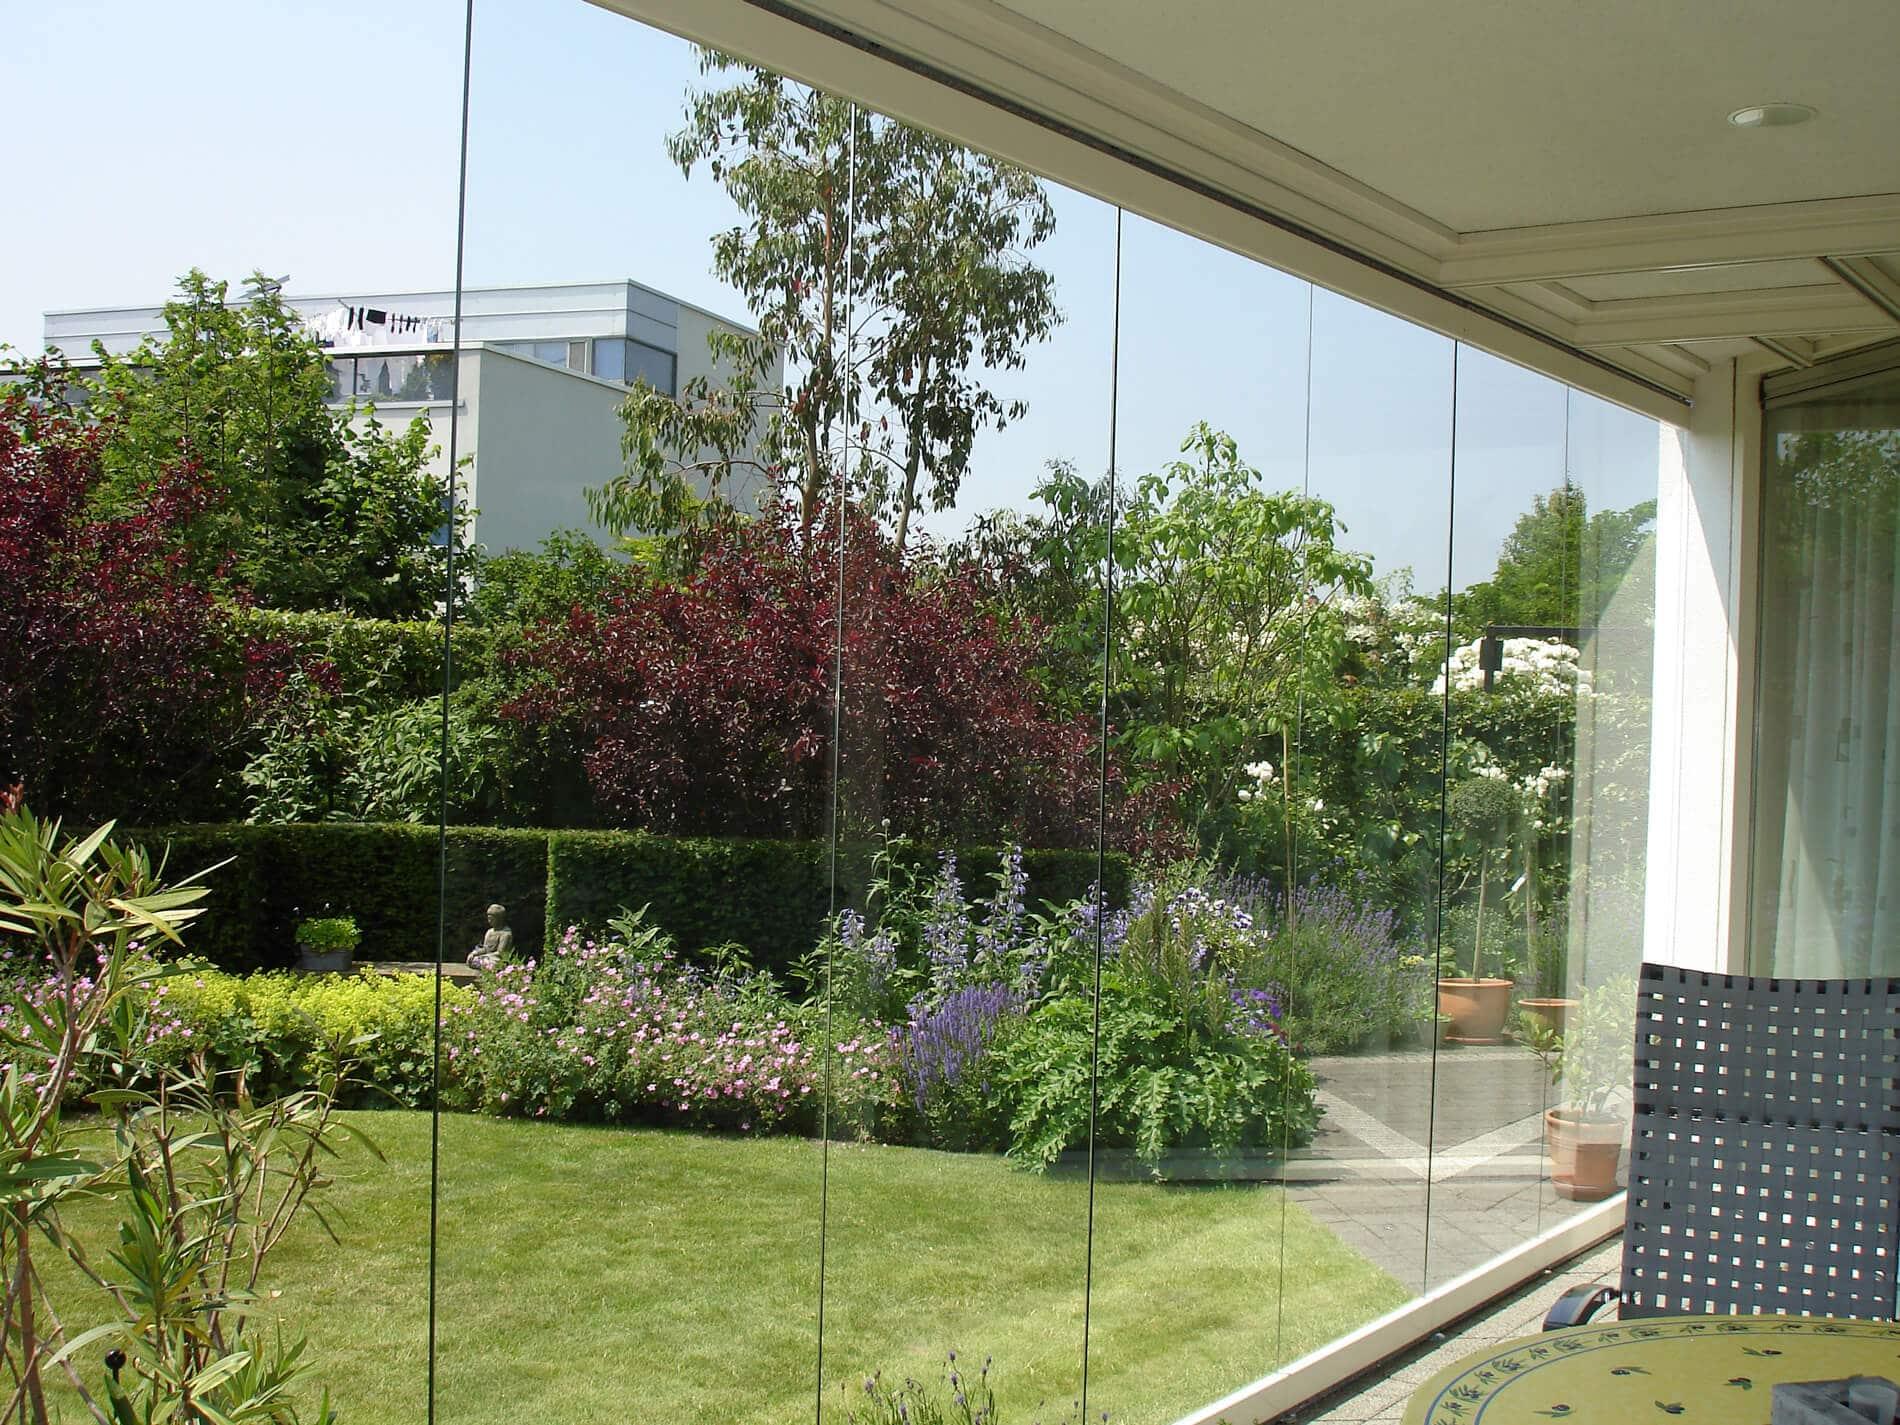 Horizontal-Schiebe-Konstruktion für Glashäuser